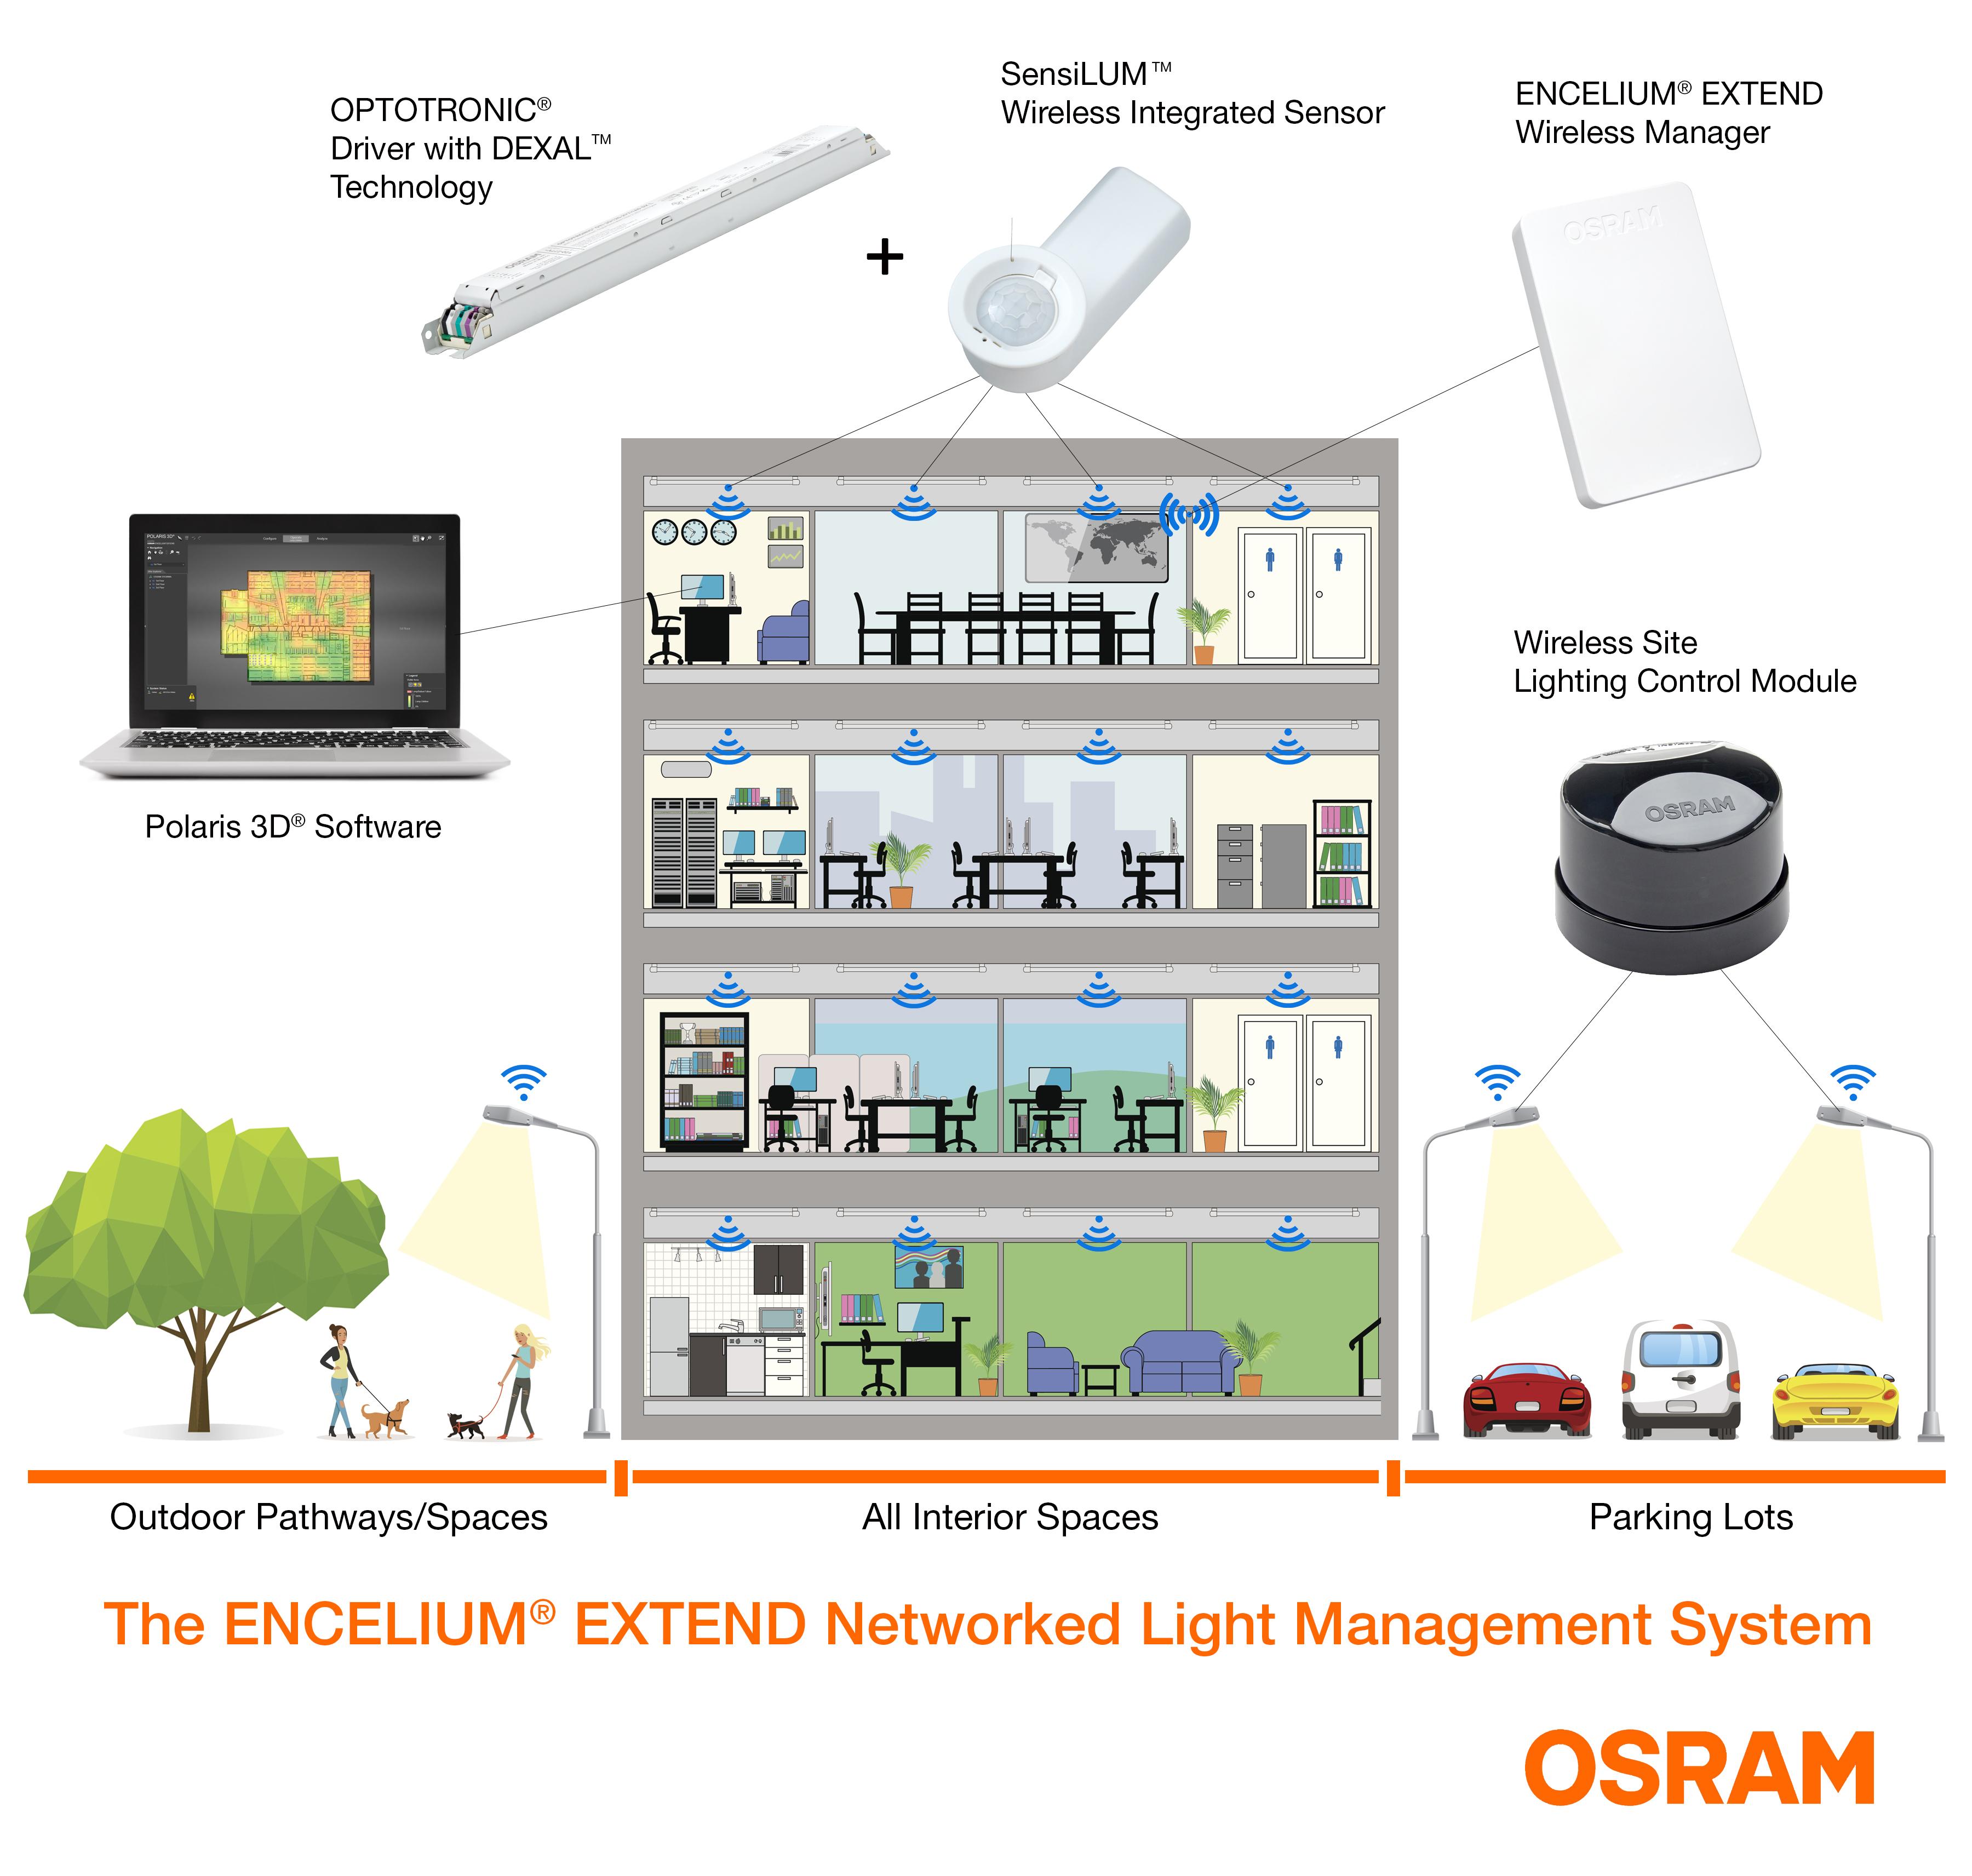 Encelium Extend Light Management System Enables Smart